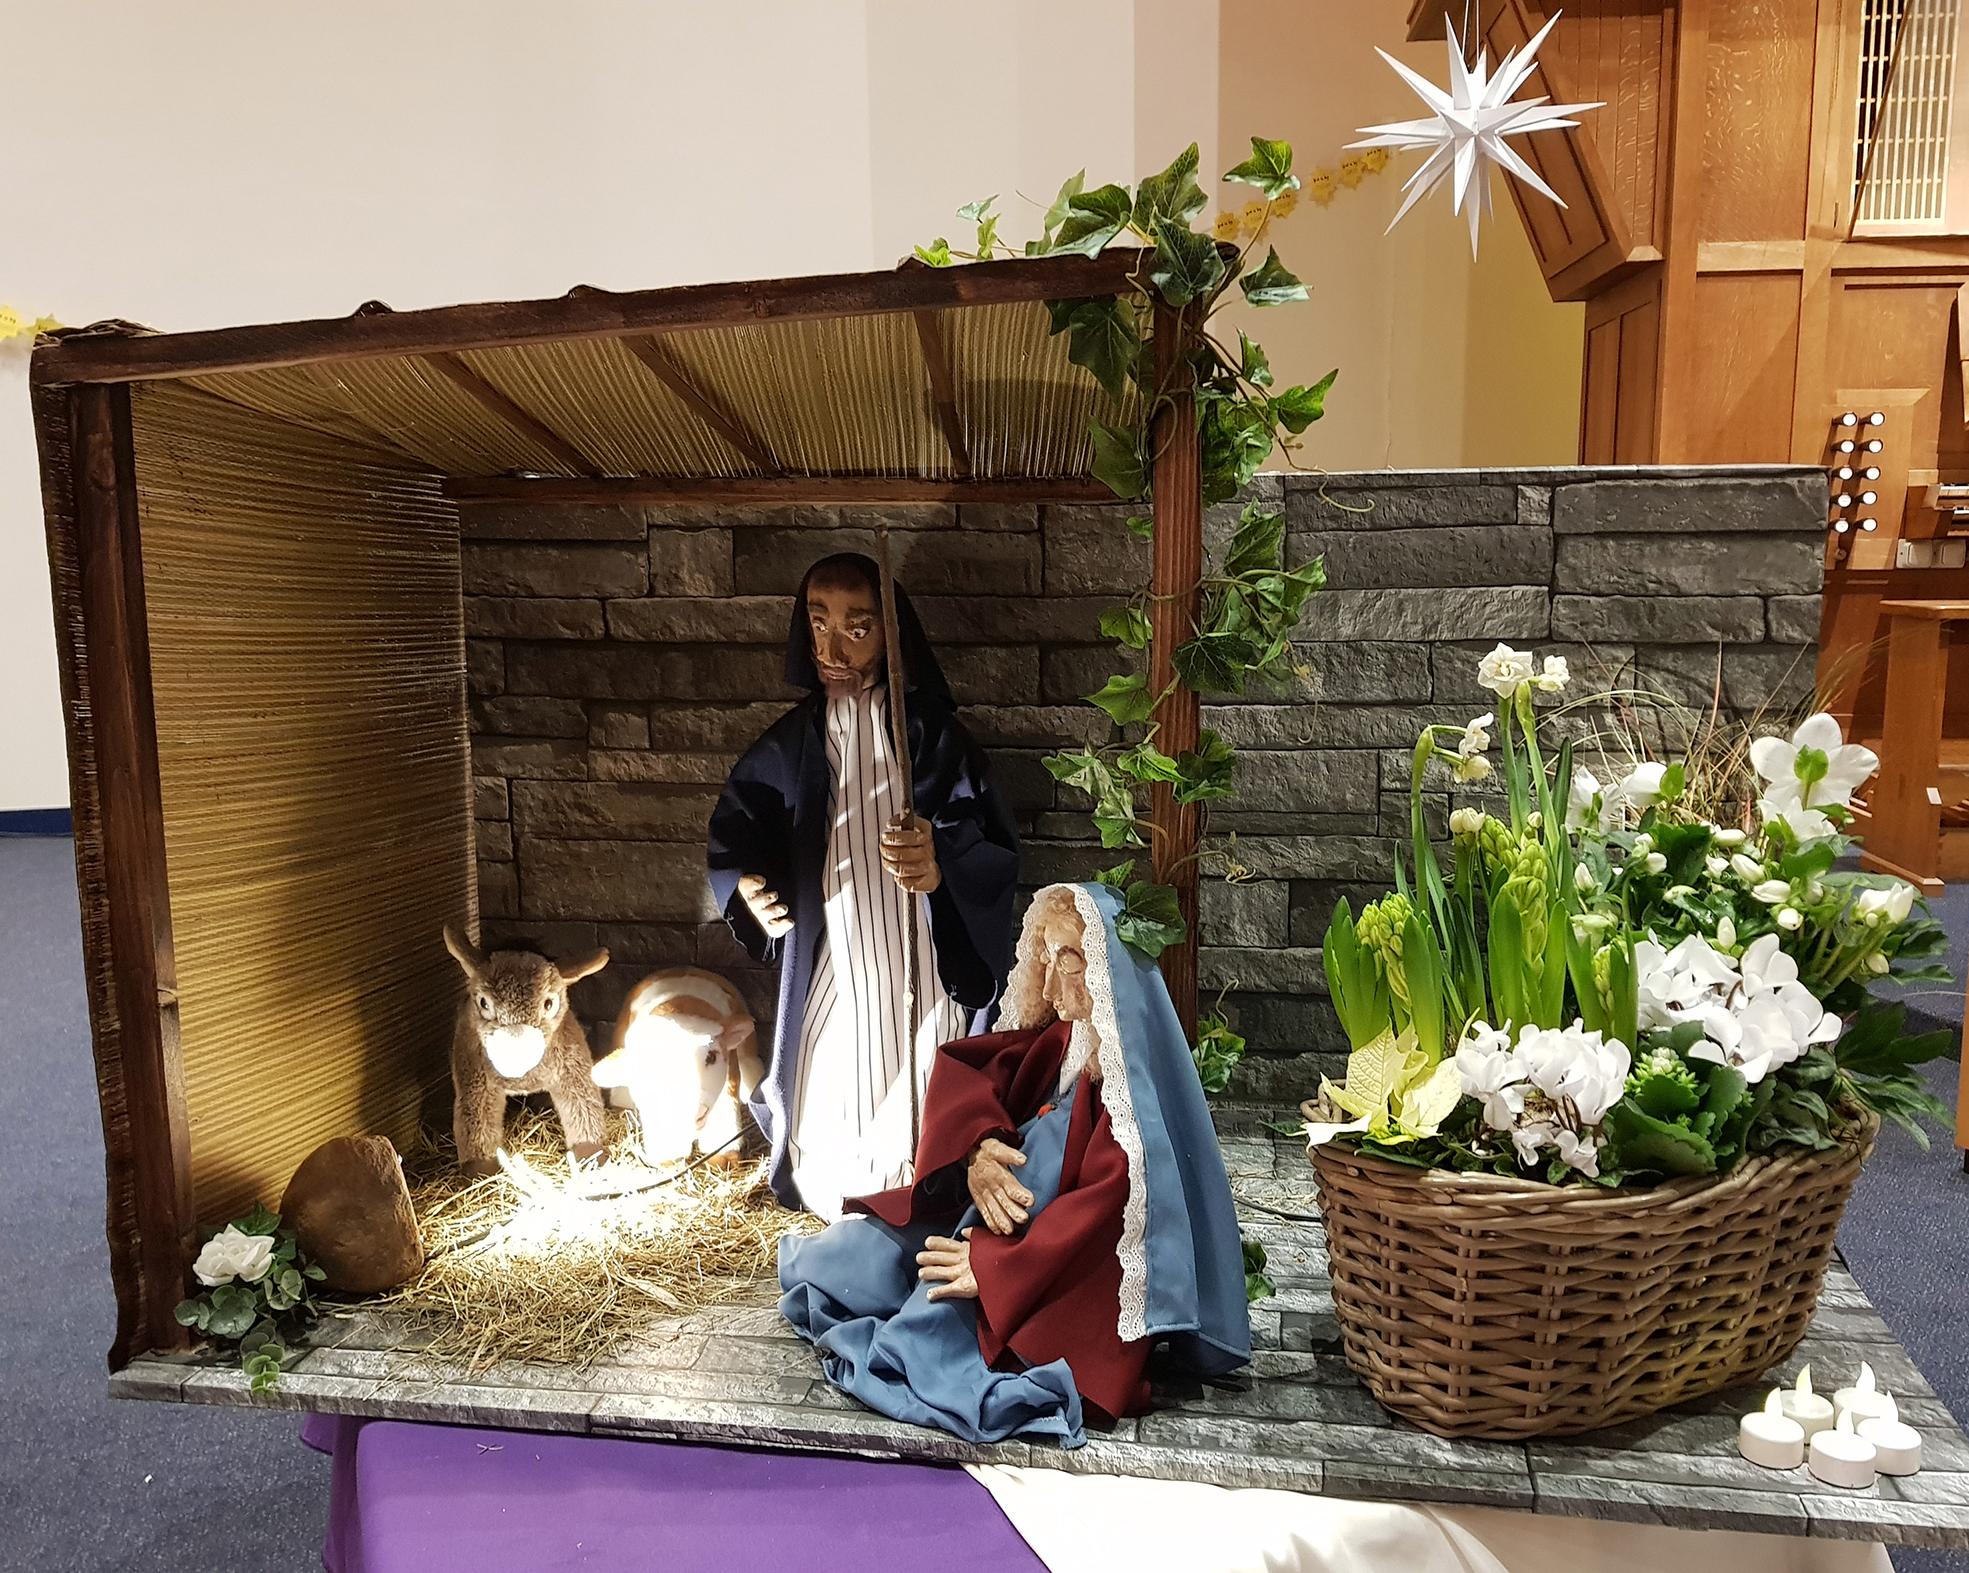 Zondag 22 december 2019, 4e advent